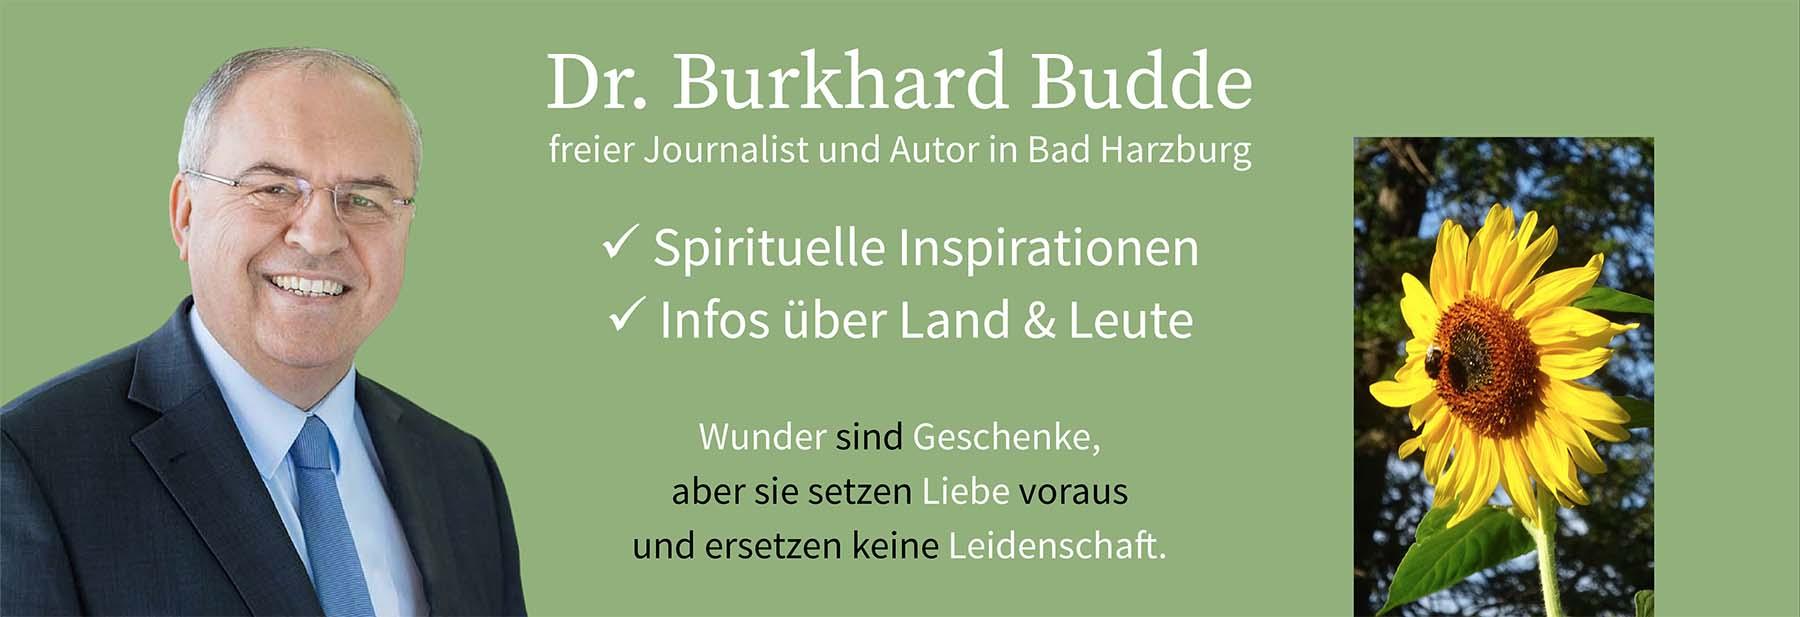 Dr. Burkhard Budde